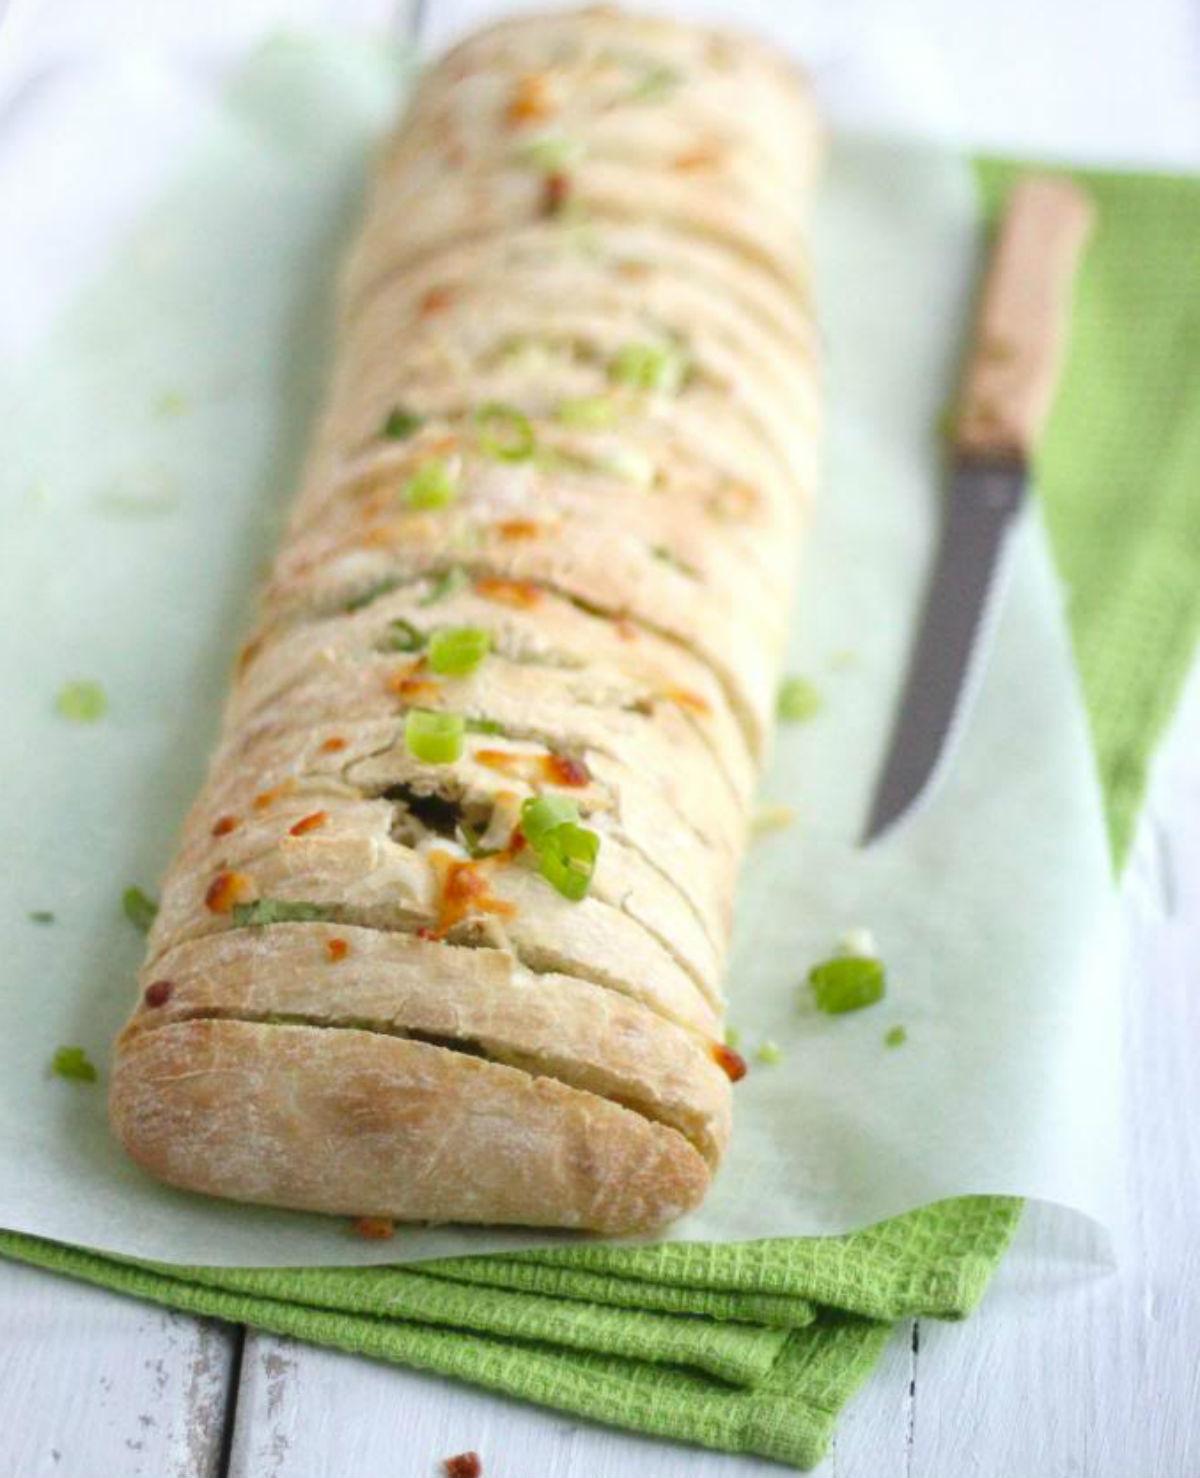 Voor bij de lunch of voor vanavond bij de BBQ: heerlijk snackbrood